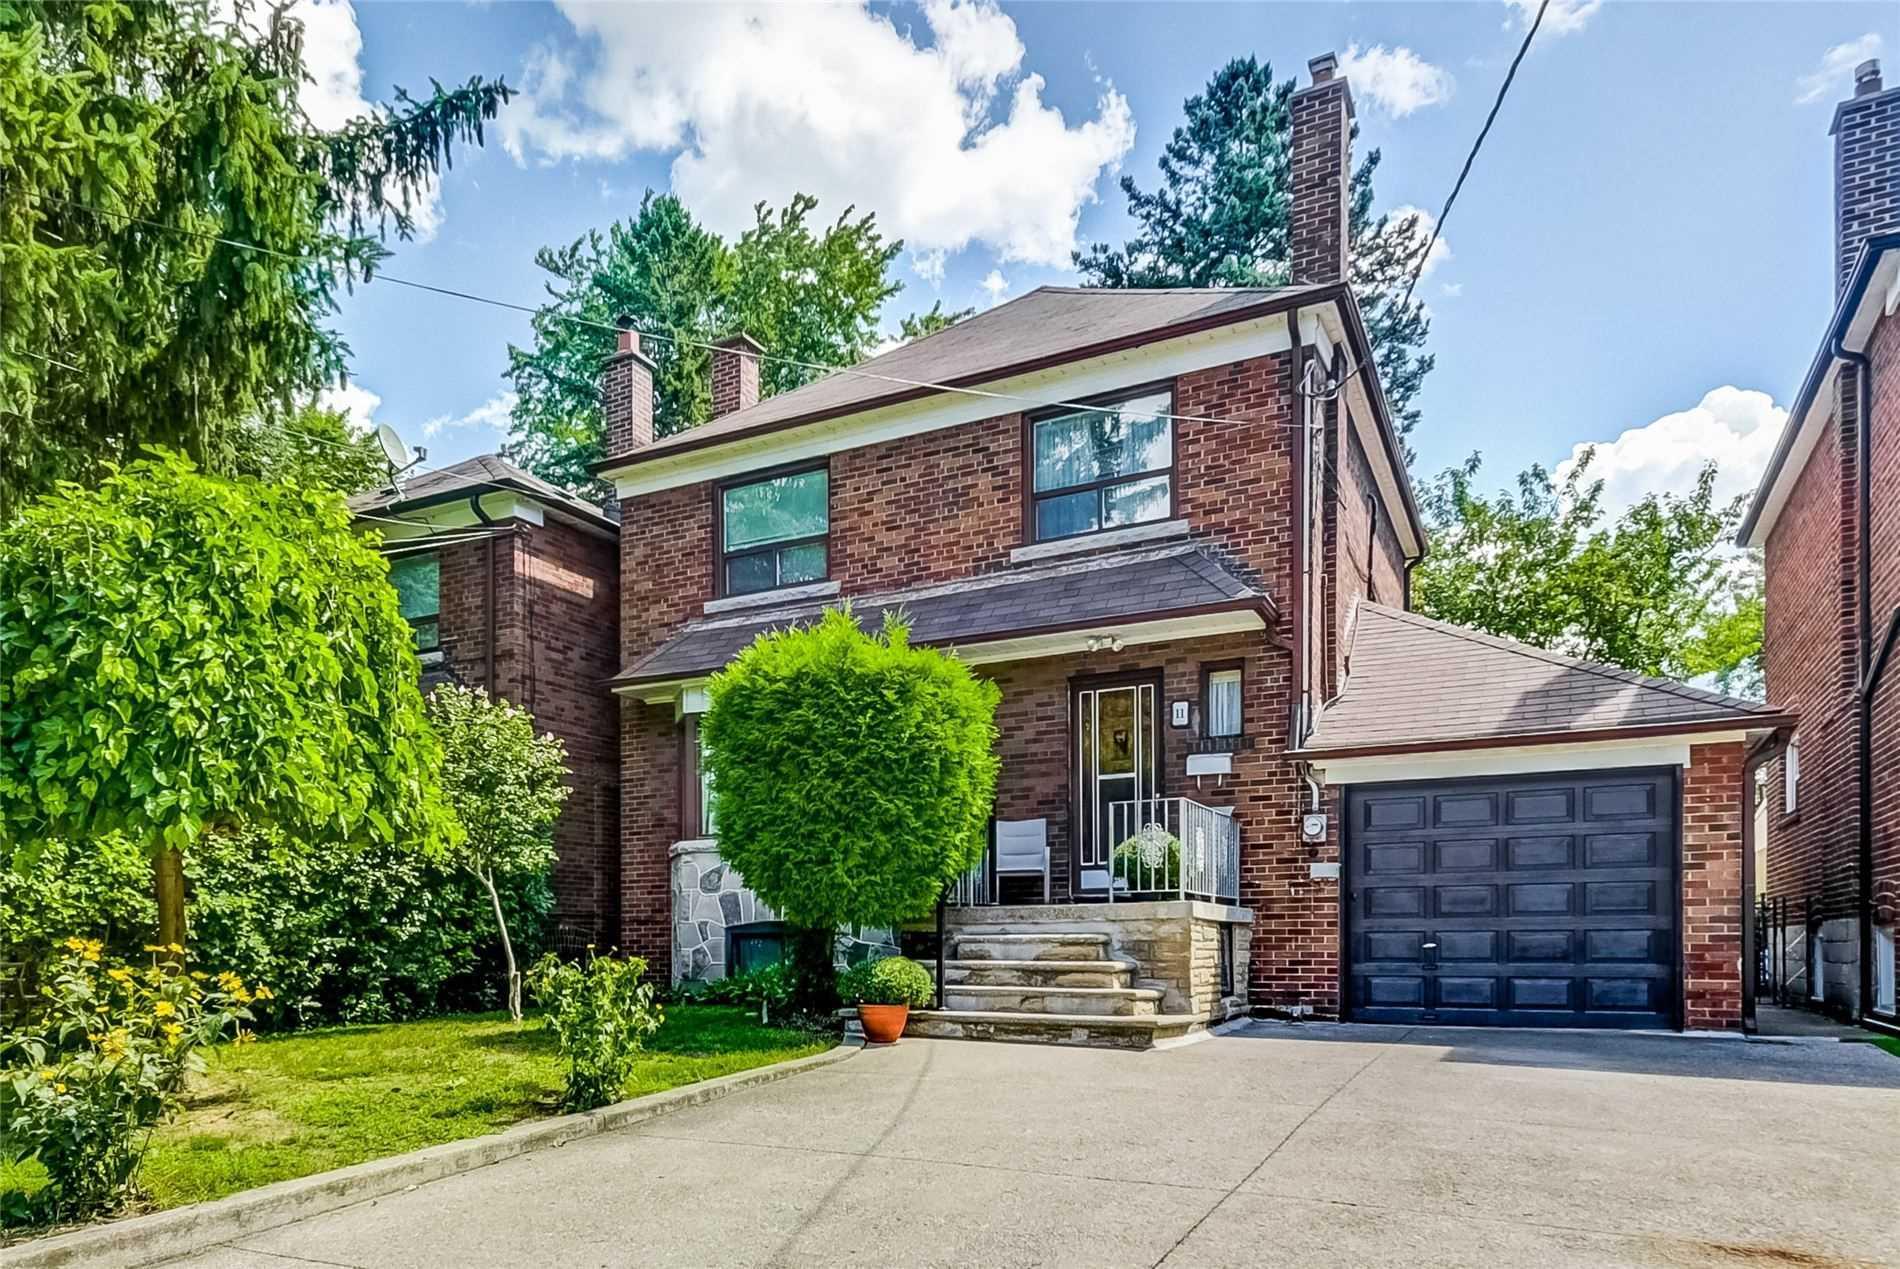 11 Hillside Dr, Toronto, Ontario M4K2M1, 3 Bedrooms Bedrooms, 7 Rooms Rooms,2 BathroomsBathrooms,Detached,For Sale,Hillside,E4874507